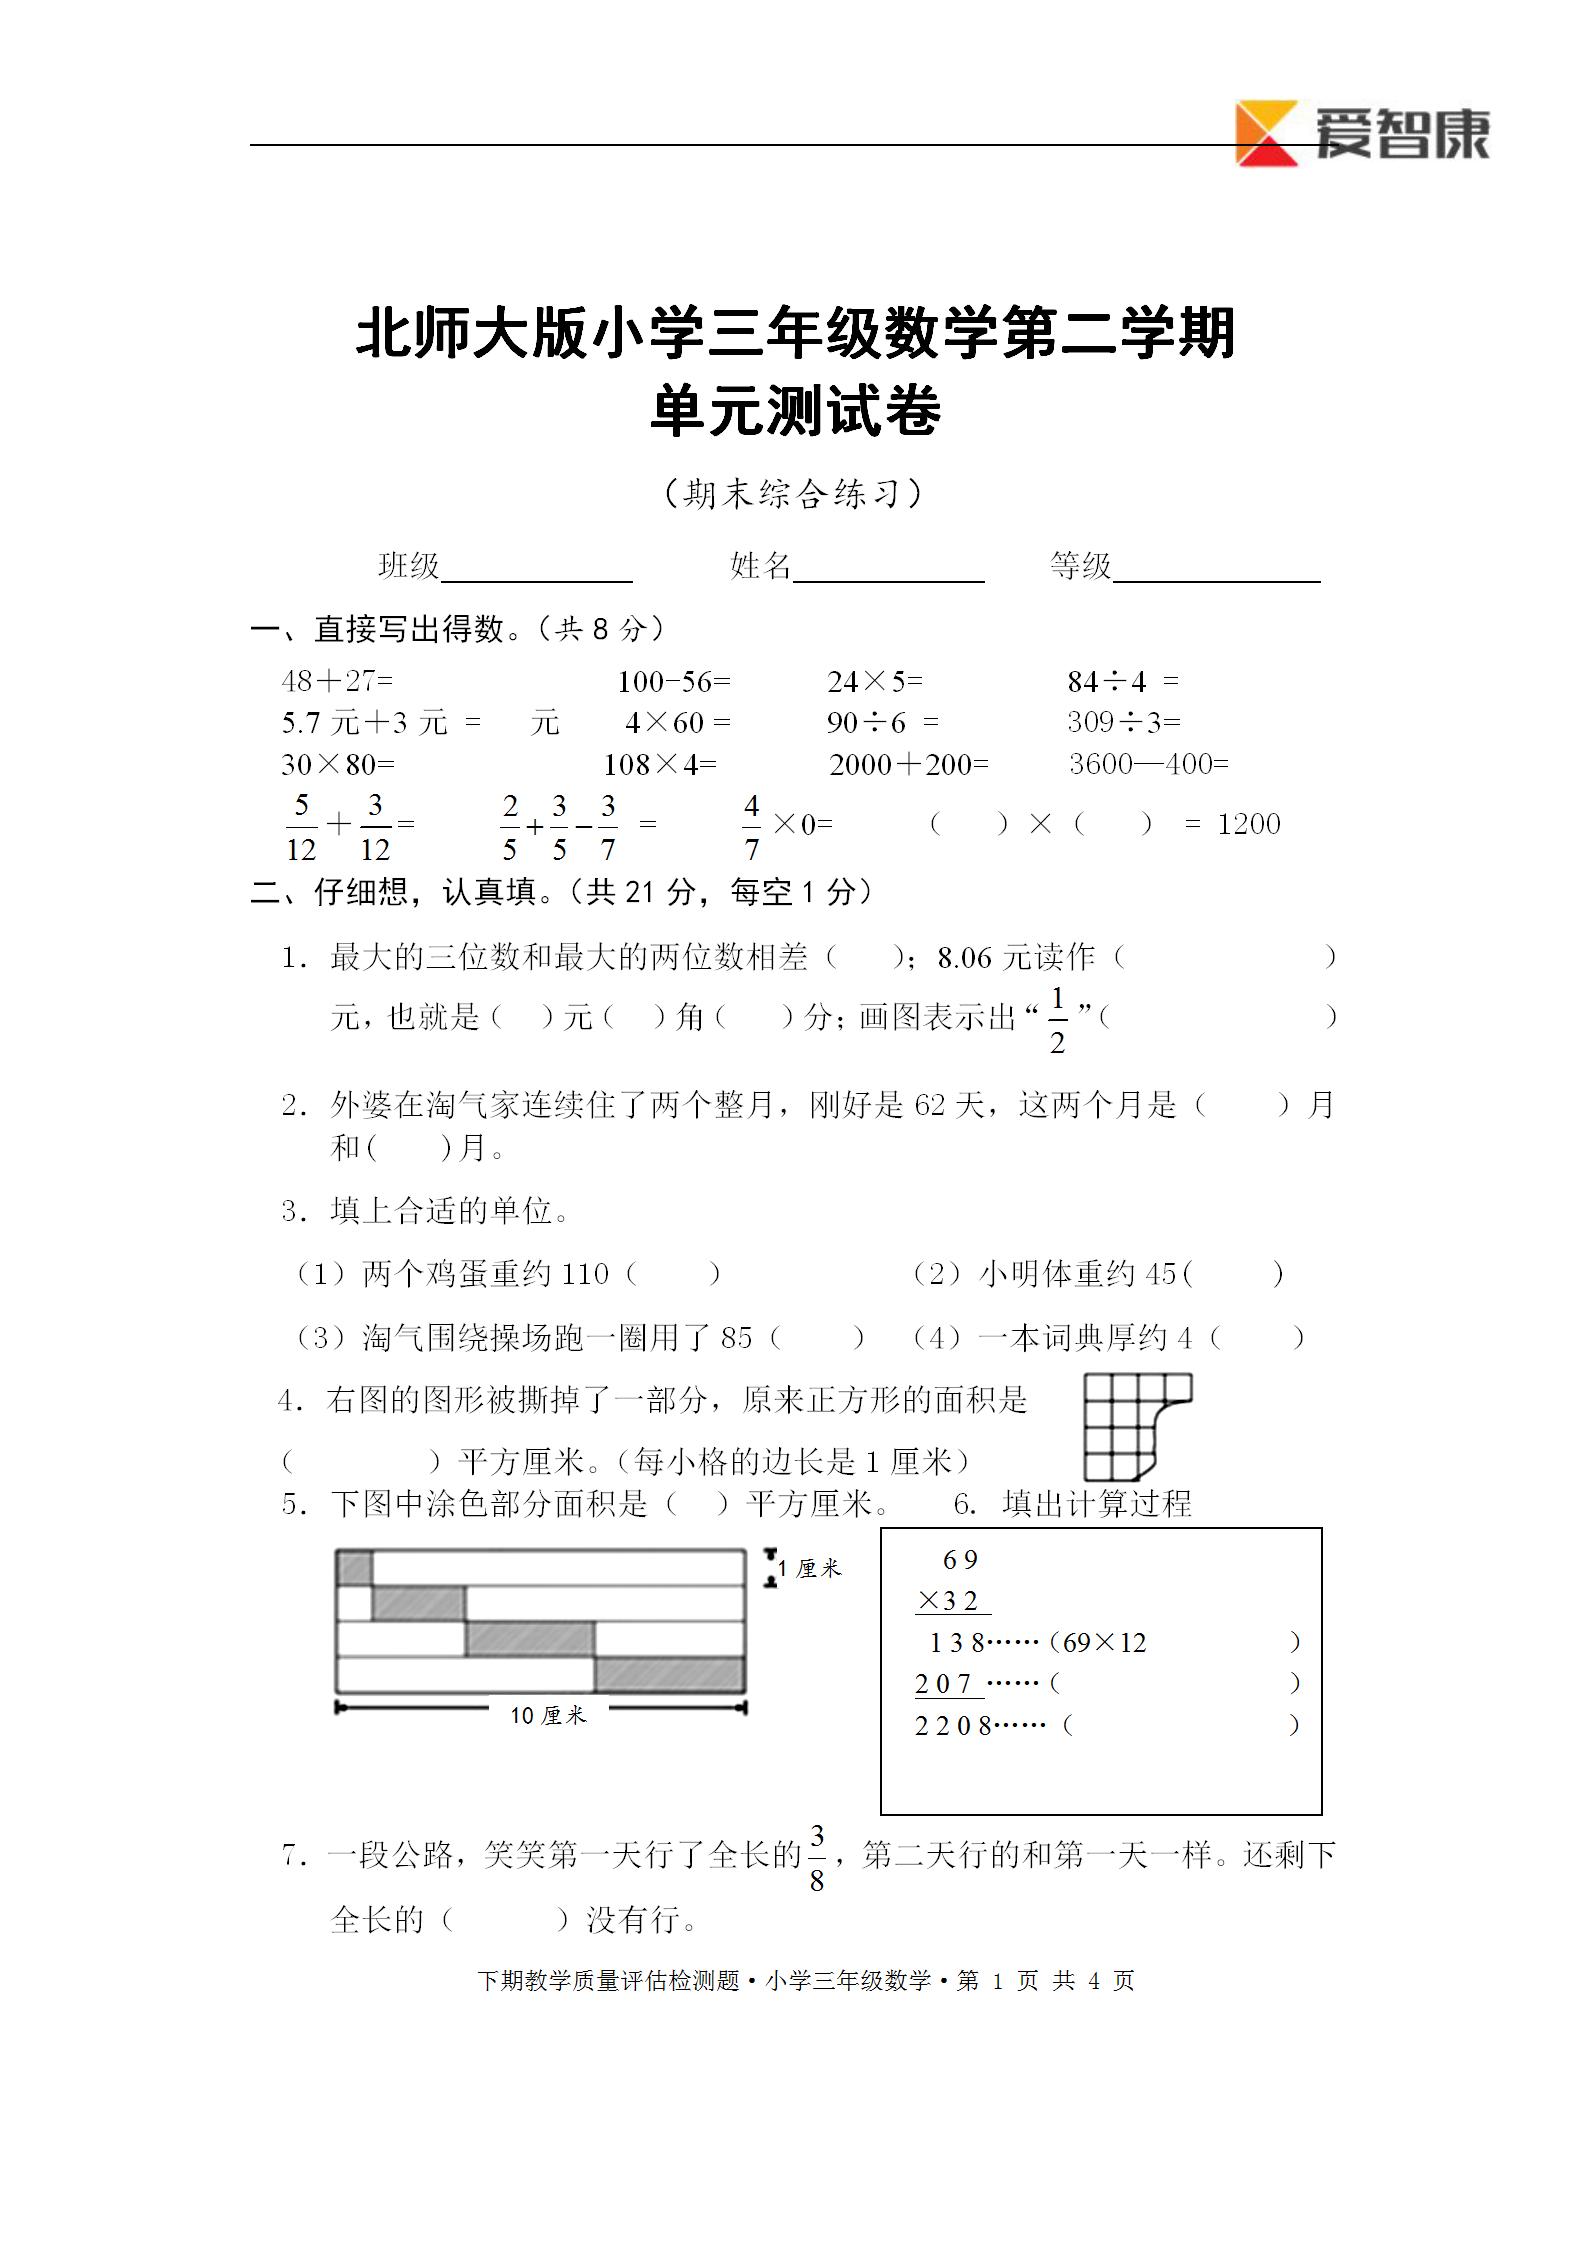 三年级下册期末试卷_2018年三年级数学下册期末考试试卷(一)_深圳学而思1对1